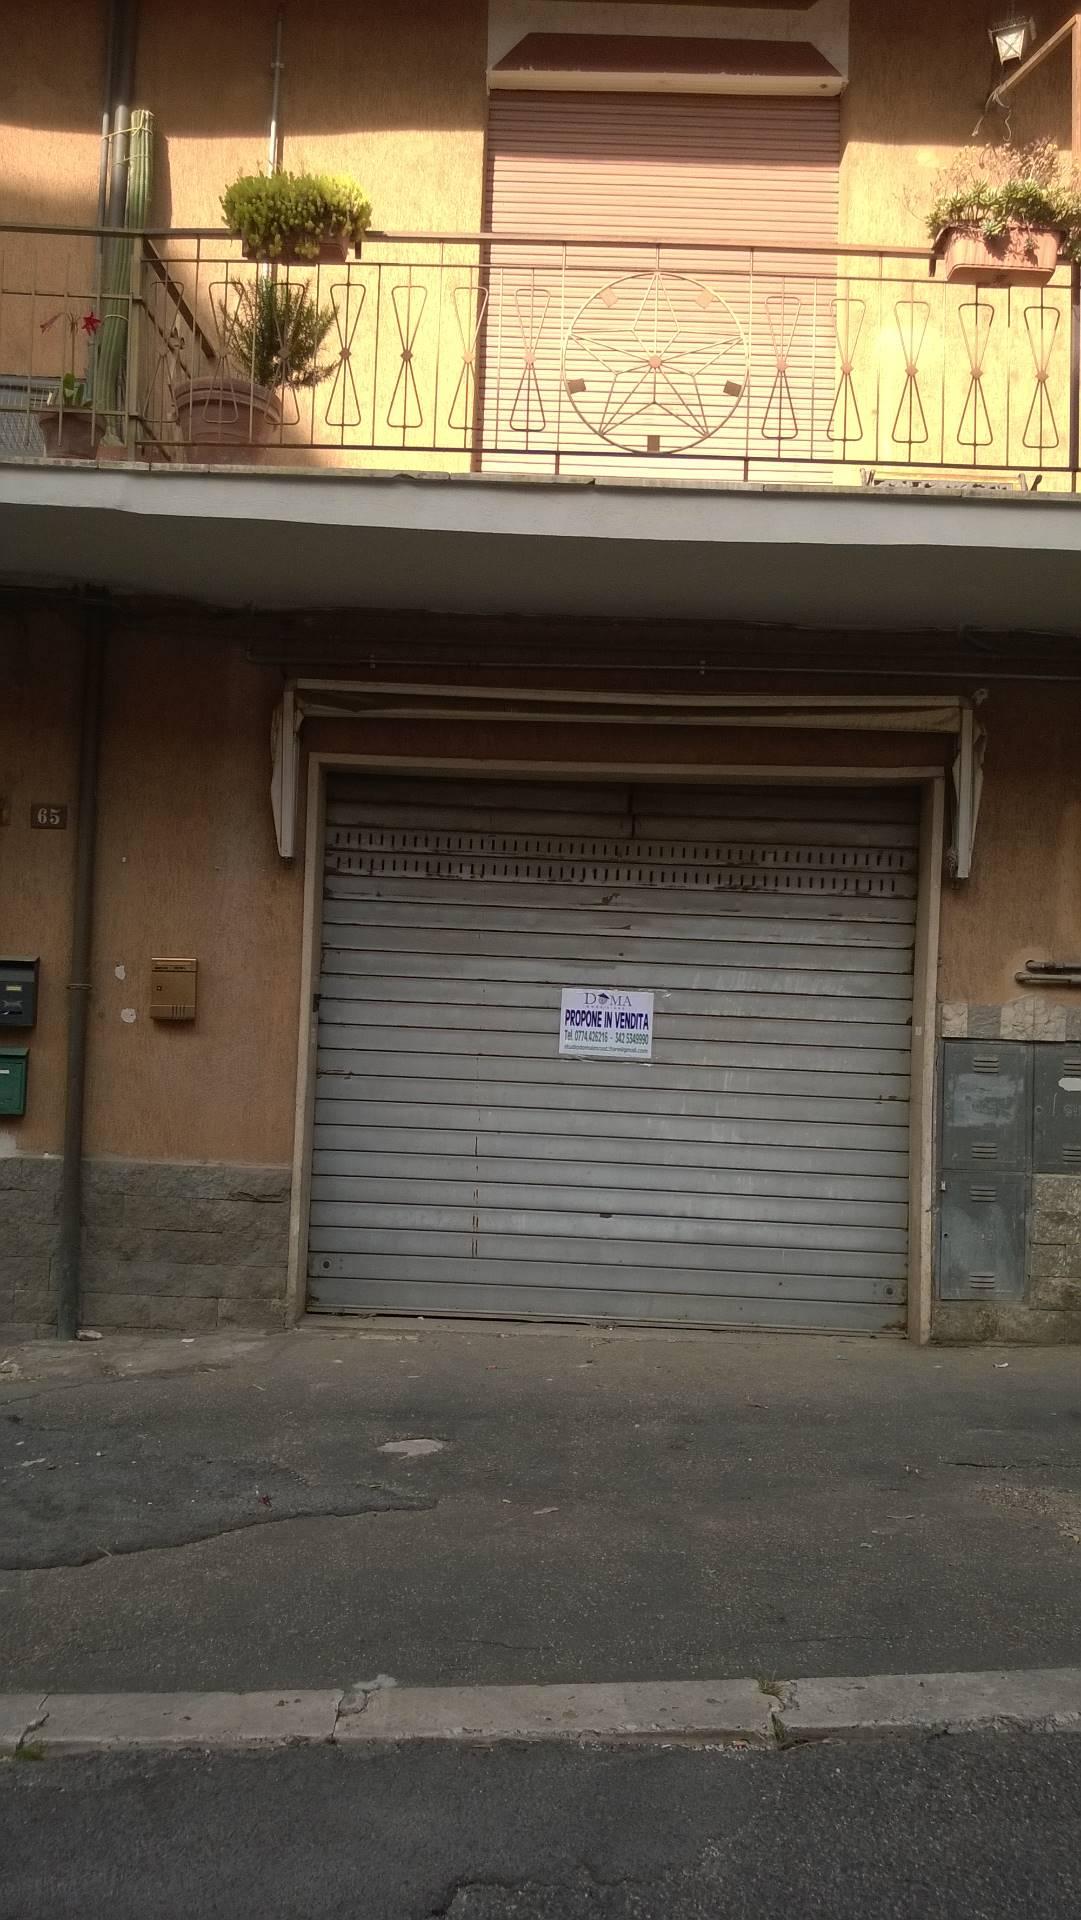 Negozio / Locale in vendita a Marcellina, 9999 locali, zona Località: Paese, prezzo € 35.000 | CambioCasa.it